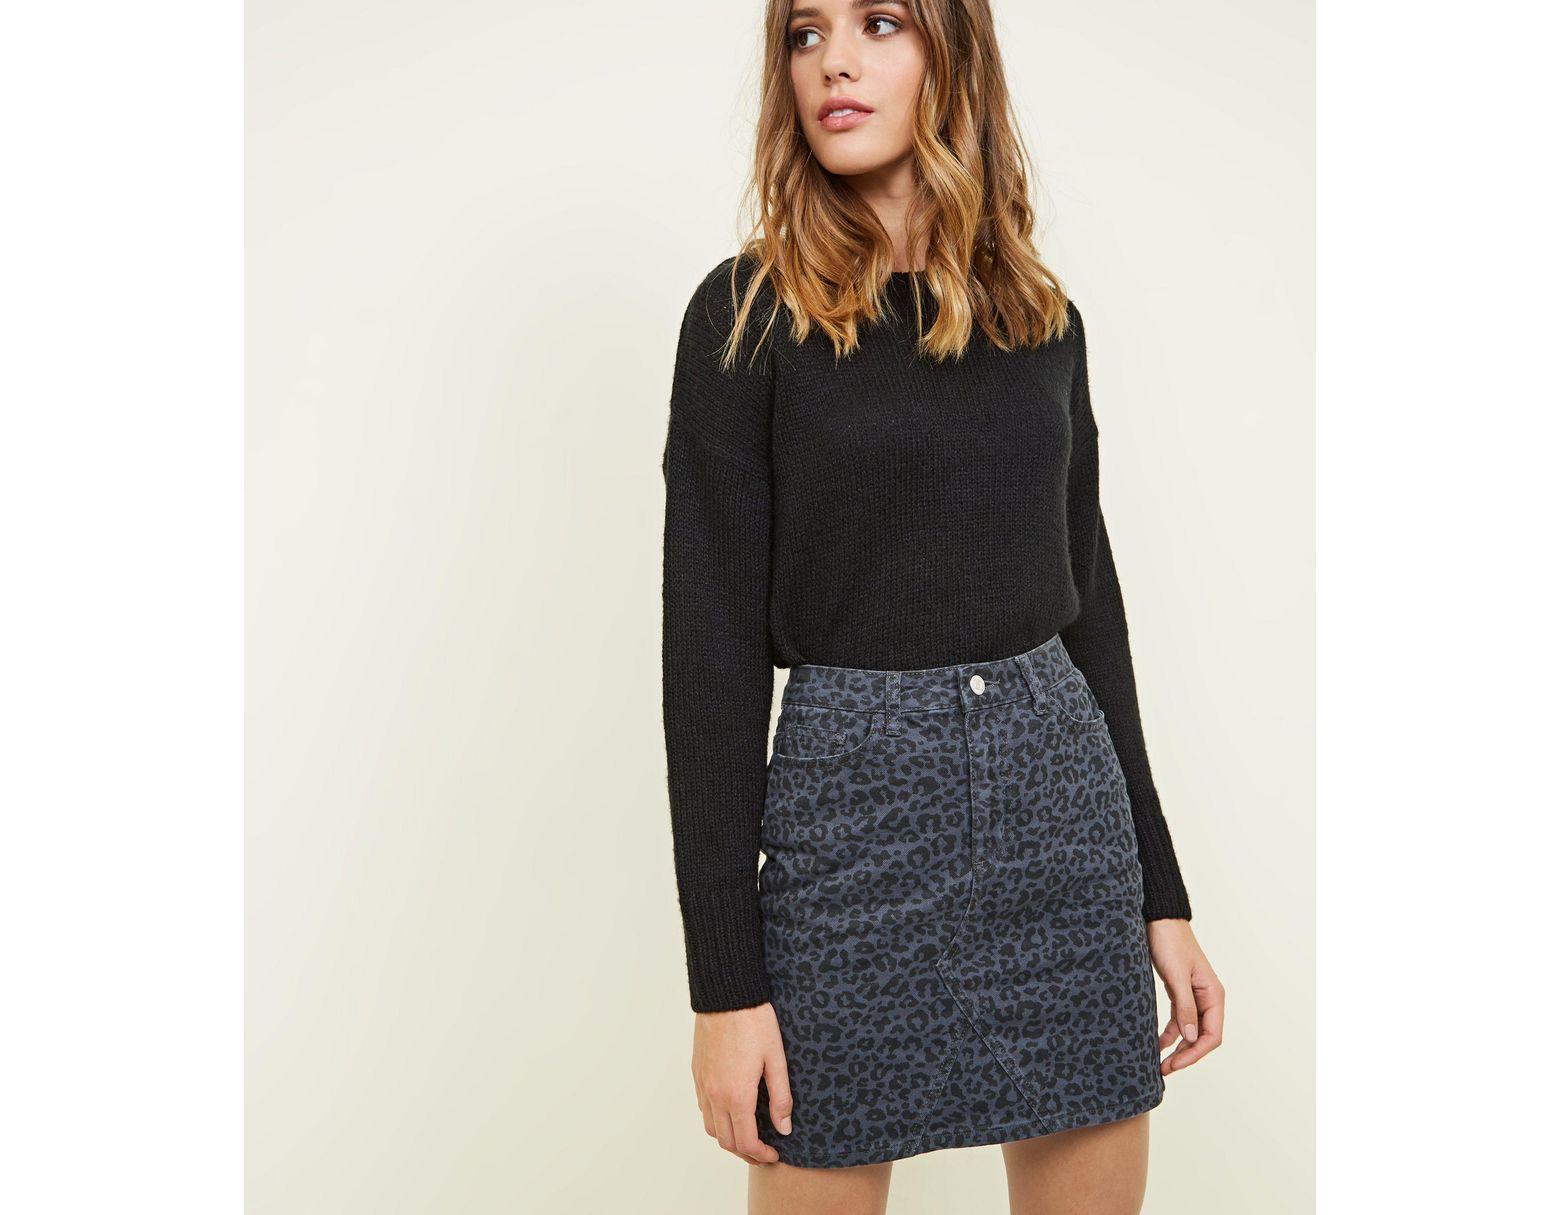 19bd9f2dd6 New Look Grey Leopard Print Denim Mini Skirt in Gray - Lyst